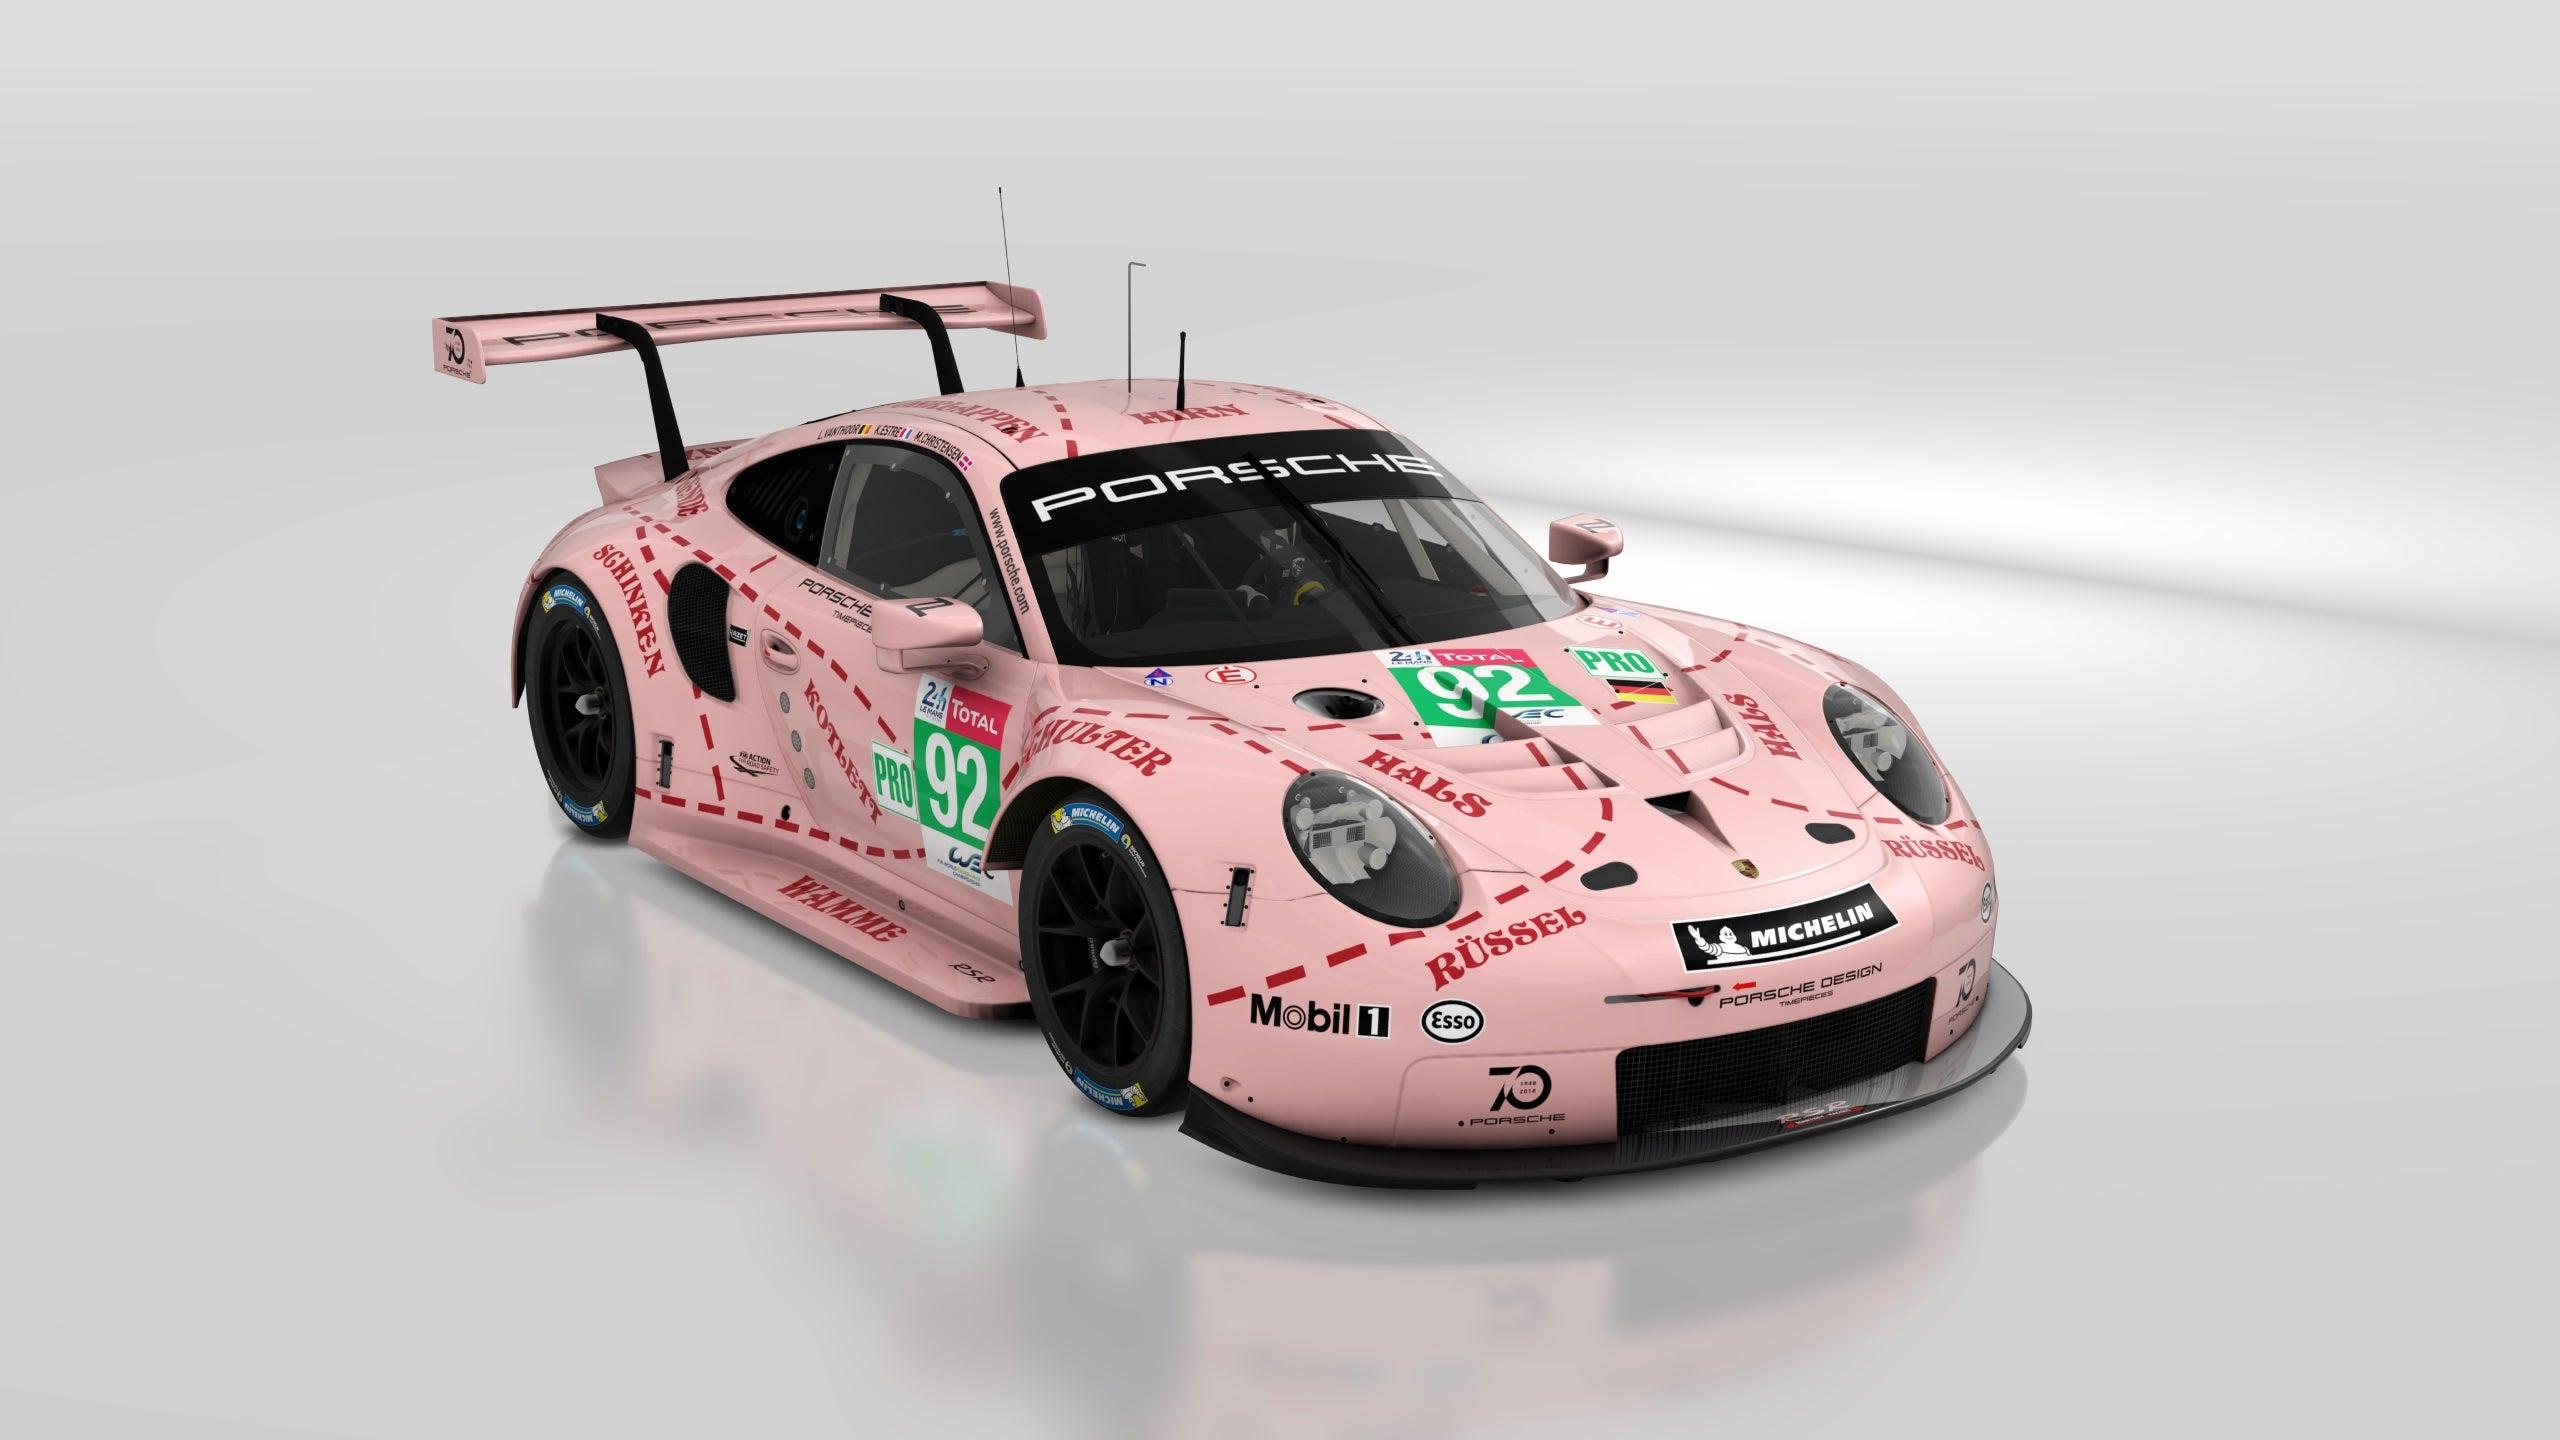 Porsche Pink Pig Hd Wallpaper